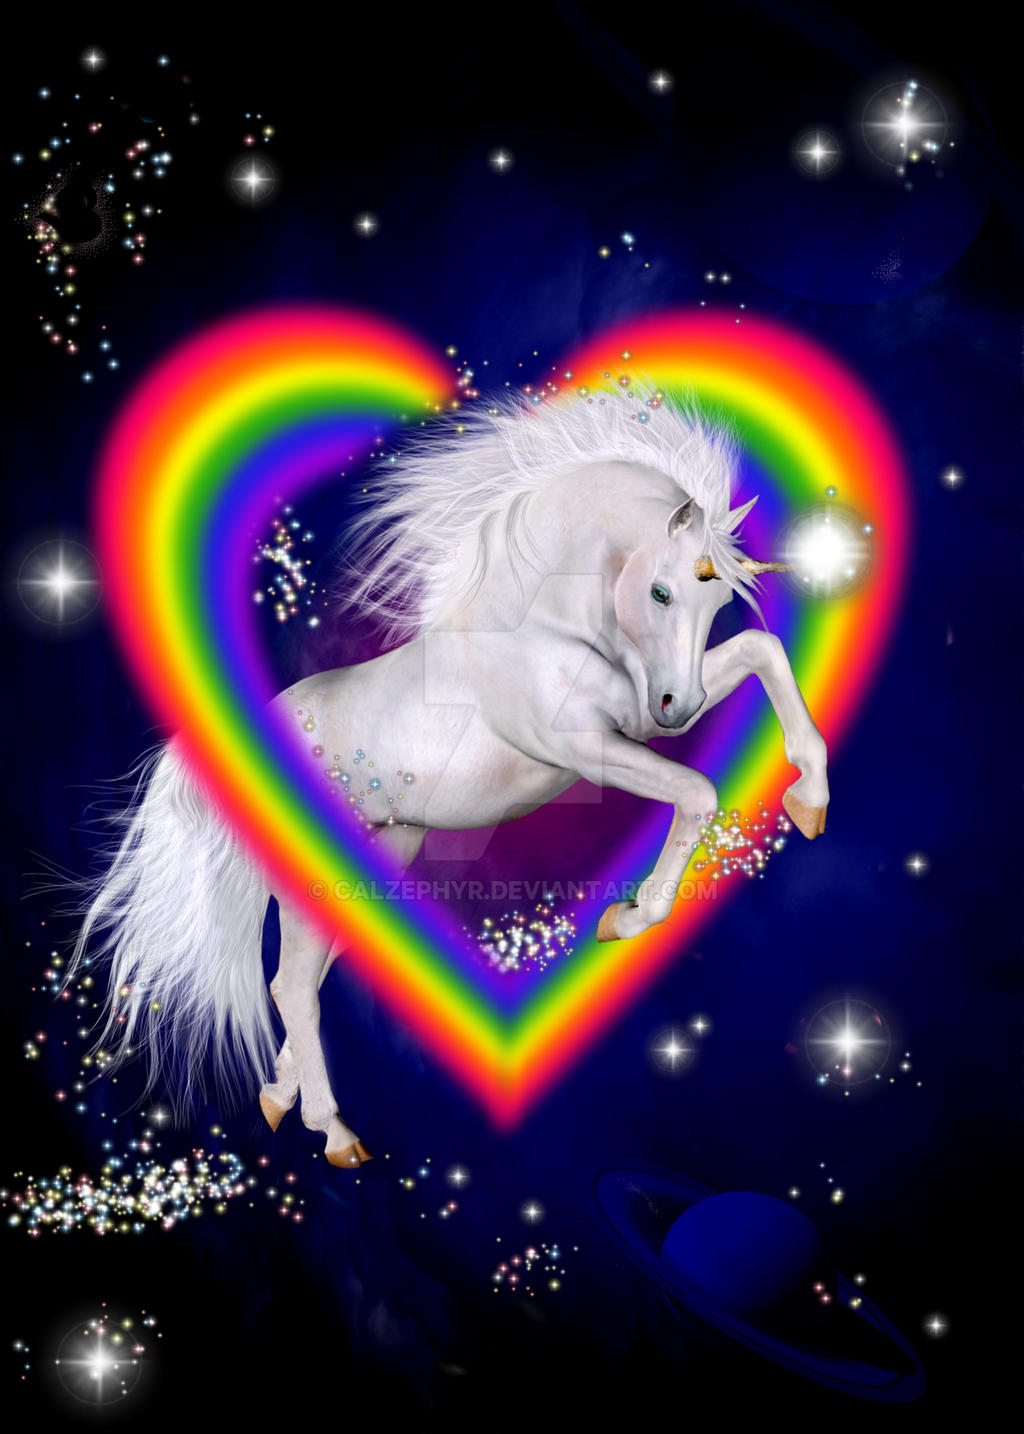 80s Rainbow Unicorn! by calzephyr on DeviantArt